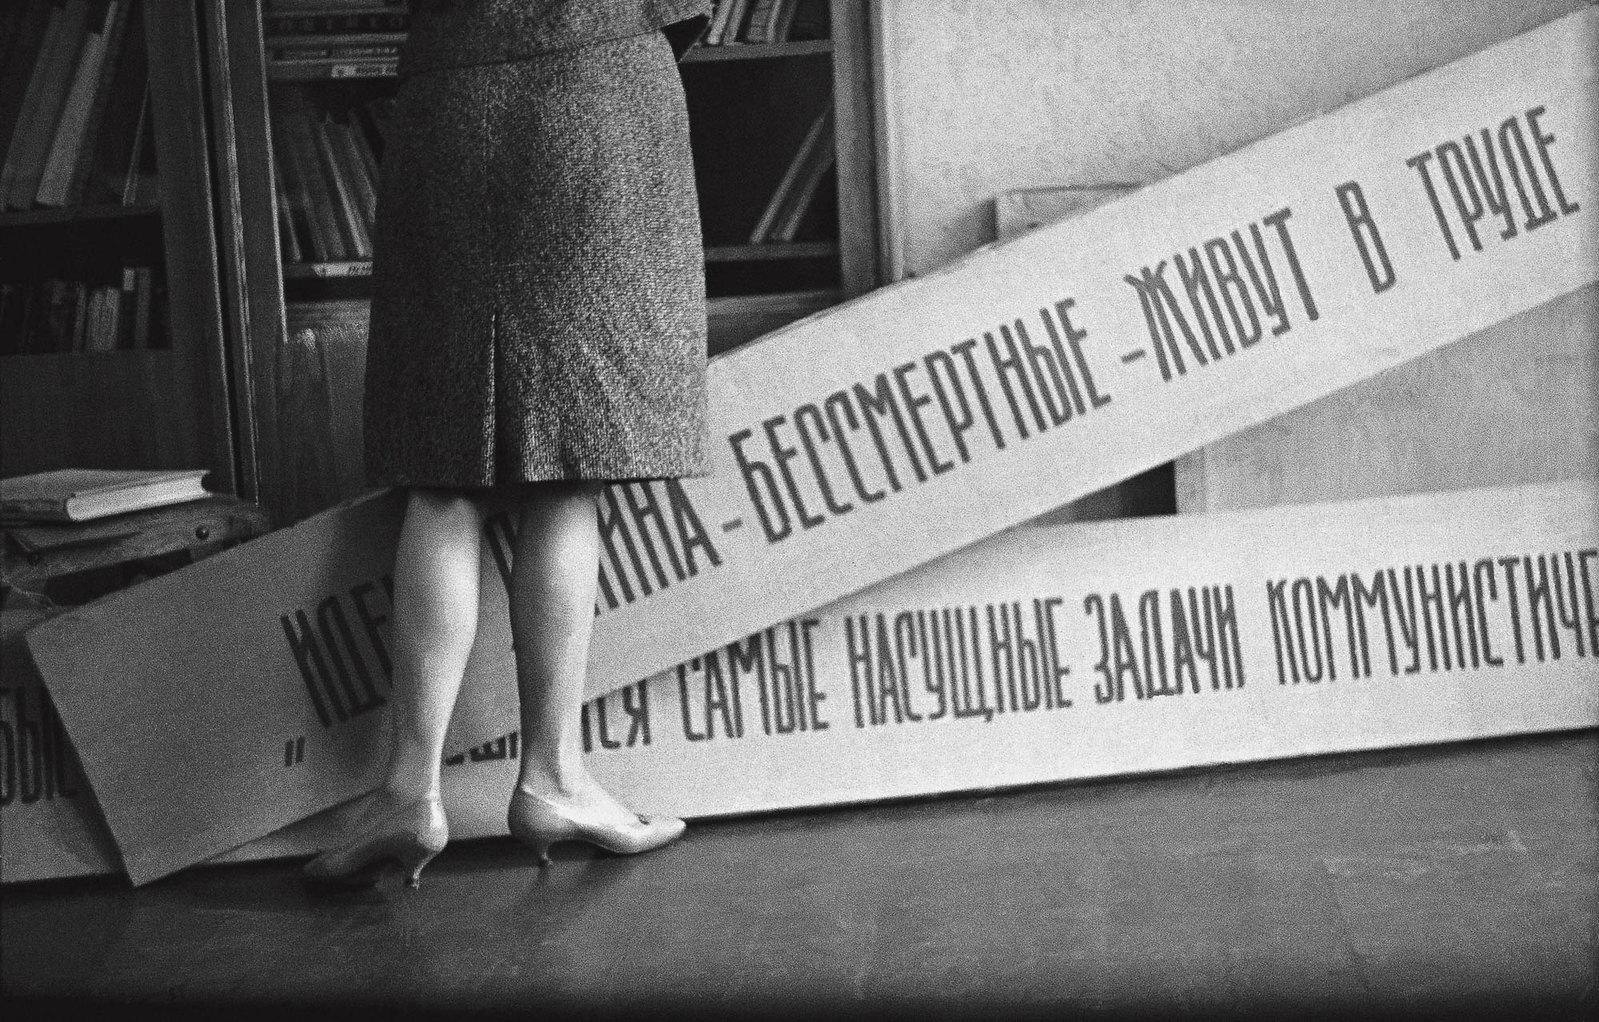 31. 1965. Вильнюс. Ленинские идеи бессмертны